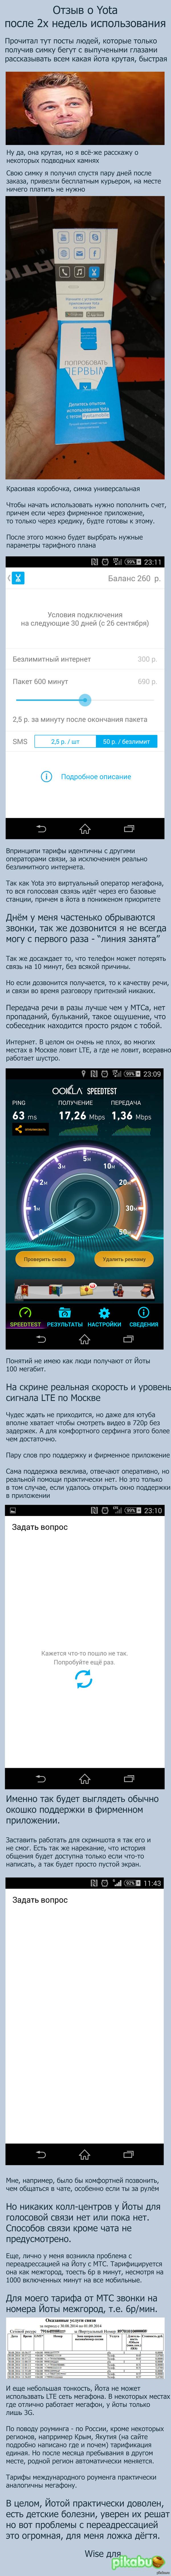 2 недели с Yota Особенности нового мобильного оператора при реальном использовании в Москве